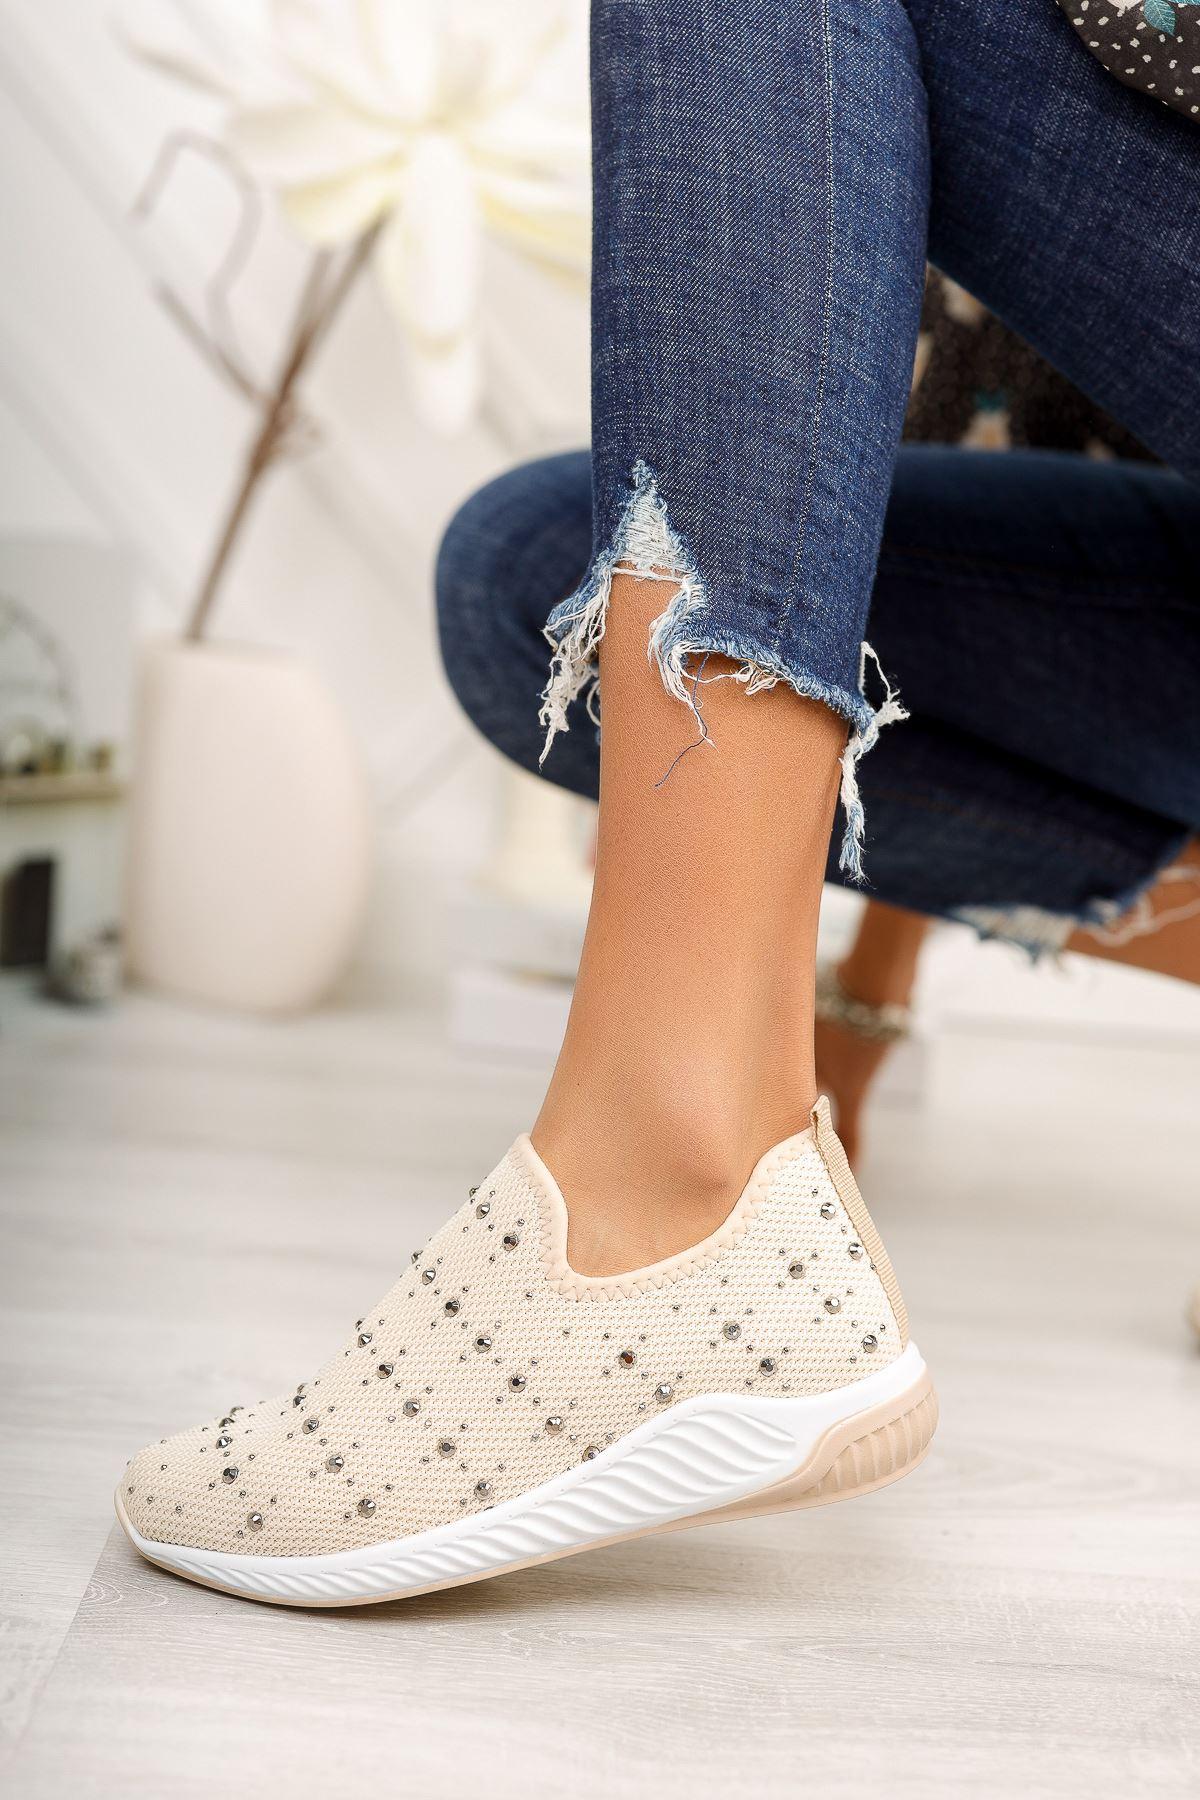 Bej Taşlı Bağcıksız Triko Spor Ayakkabı